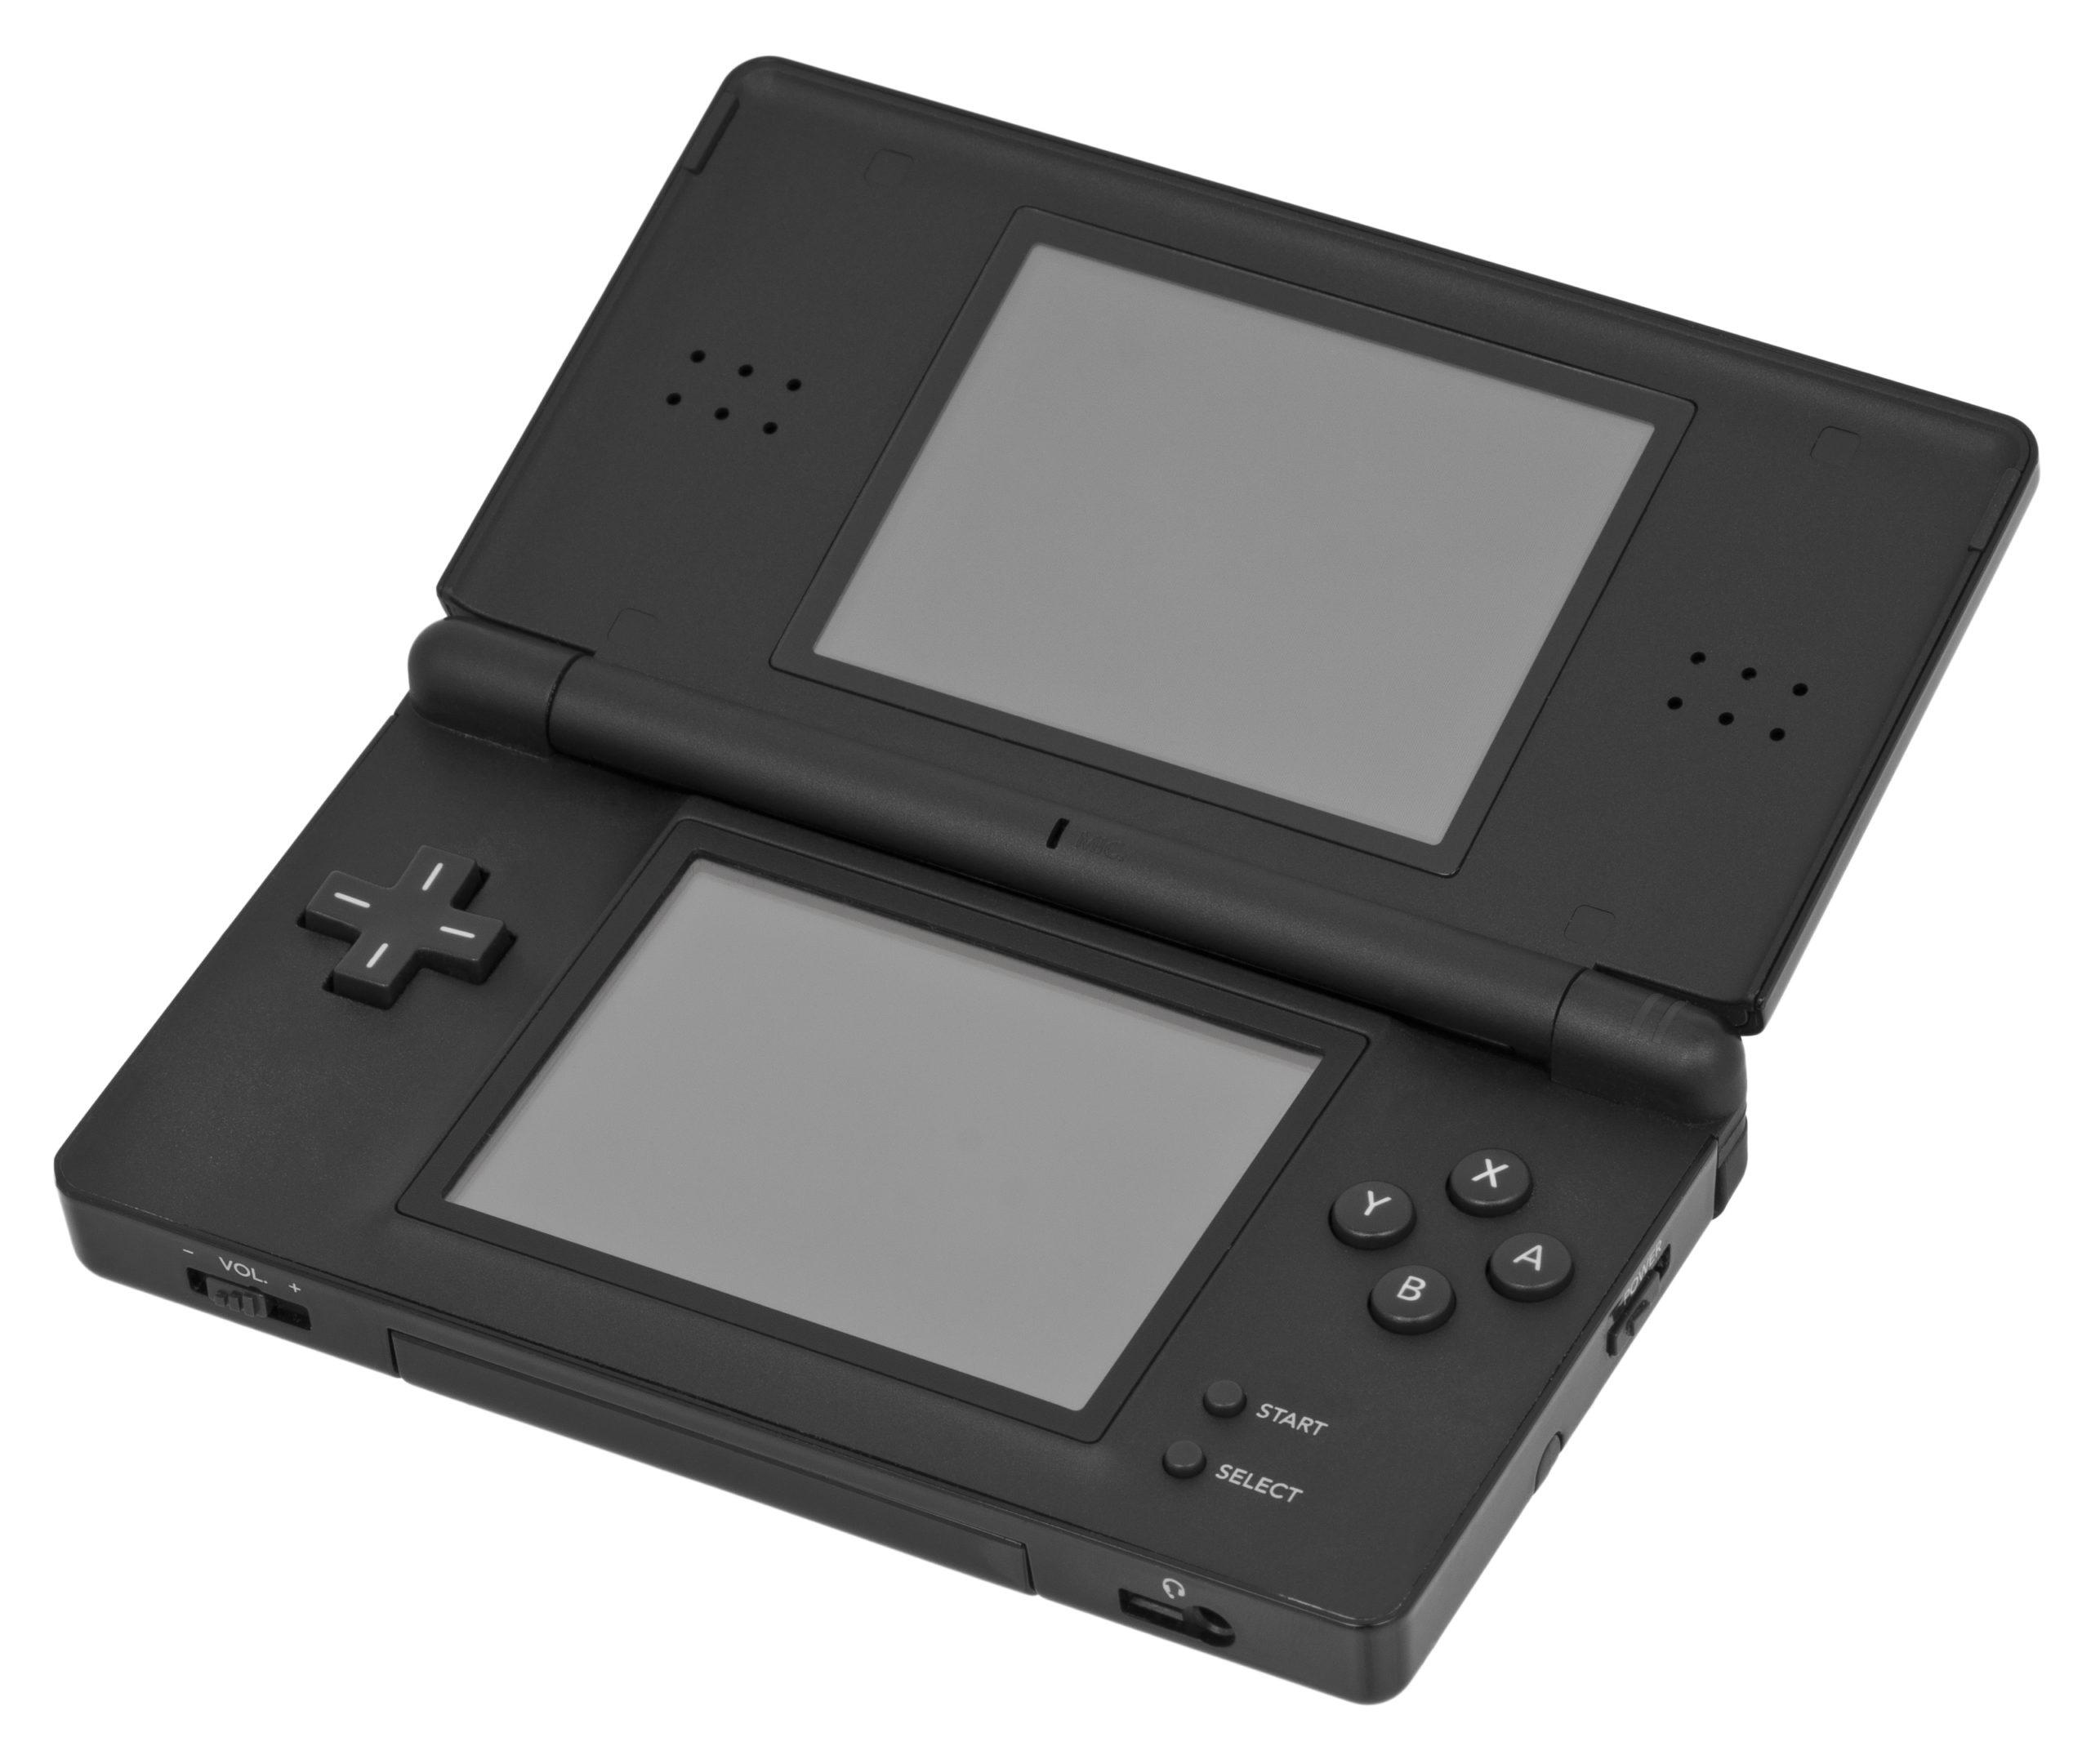 La Nintendo DS demeure la console portative la plus populaire de tous les temps